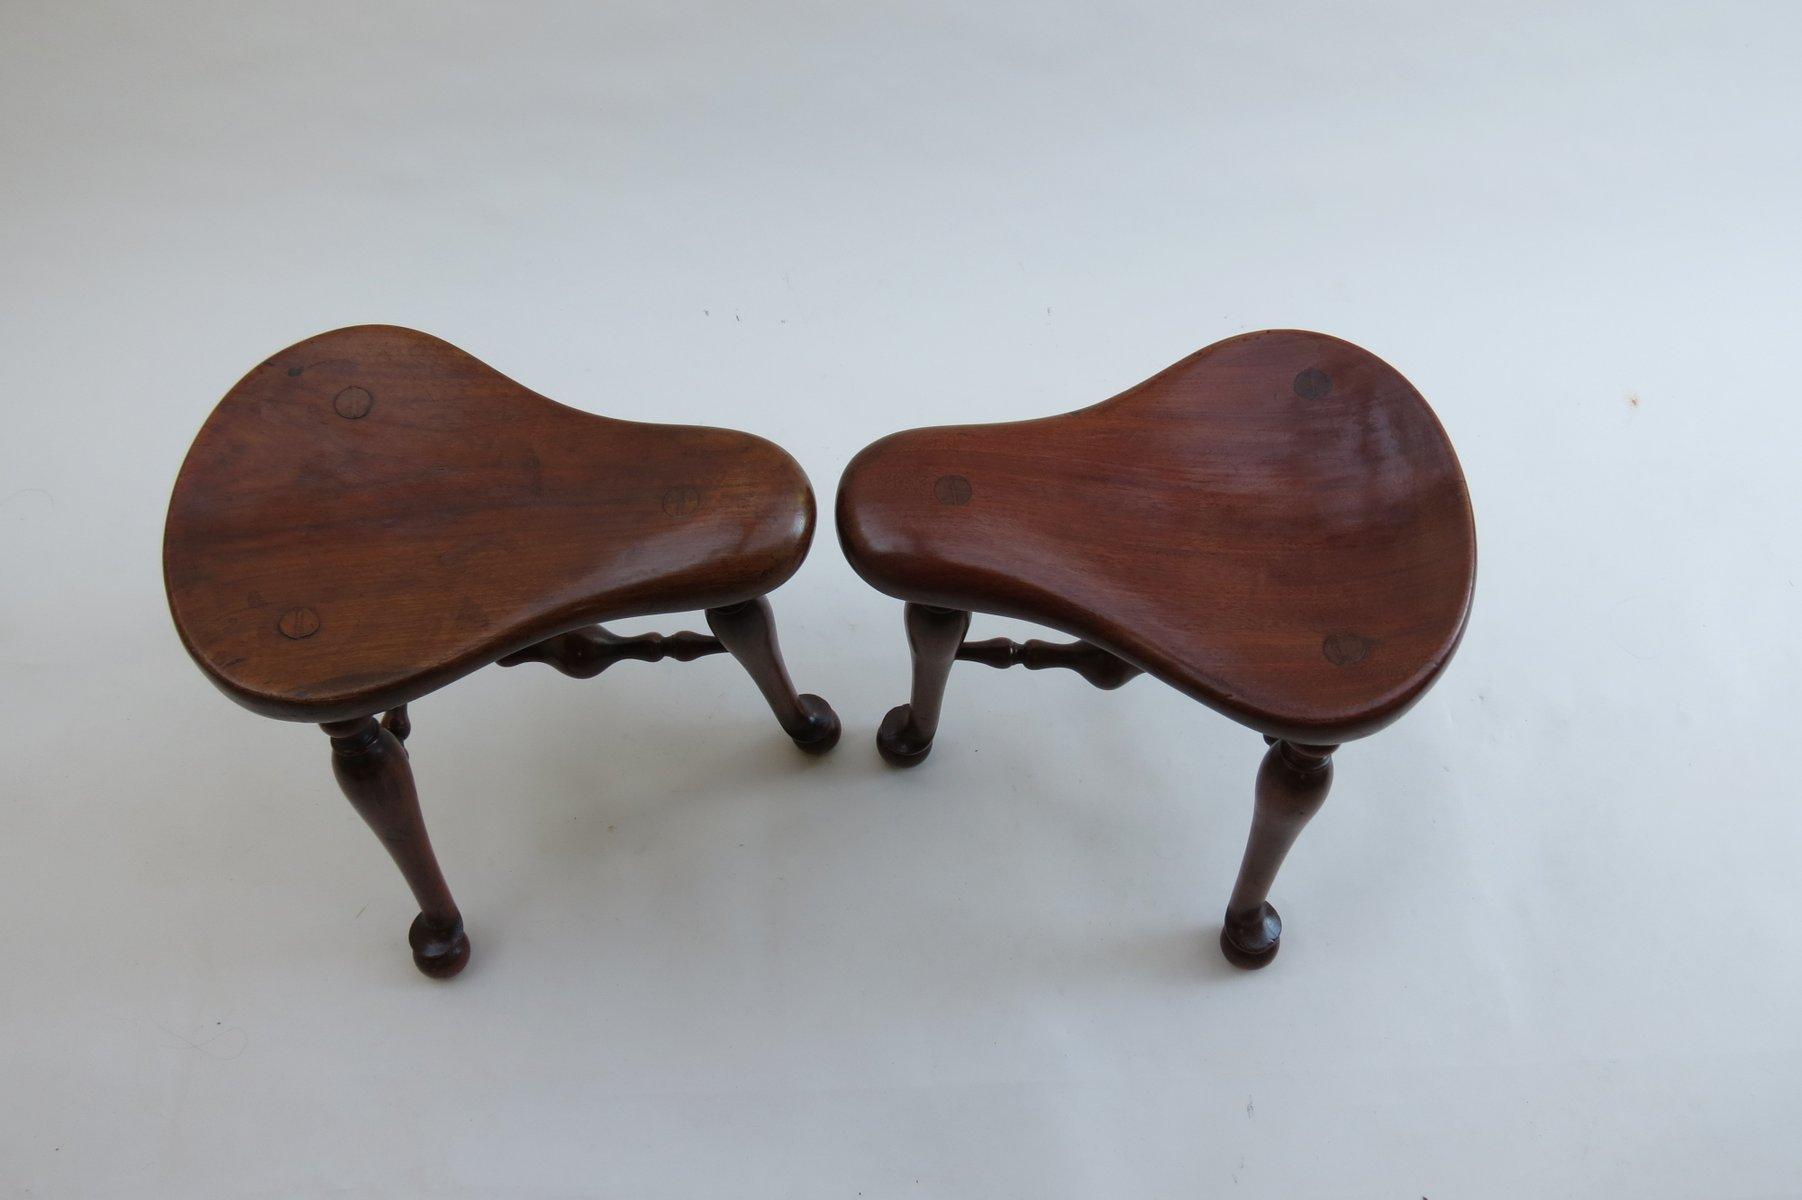 3 Legged Chair Antique Best 2000 Antique Decor Ideas